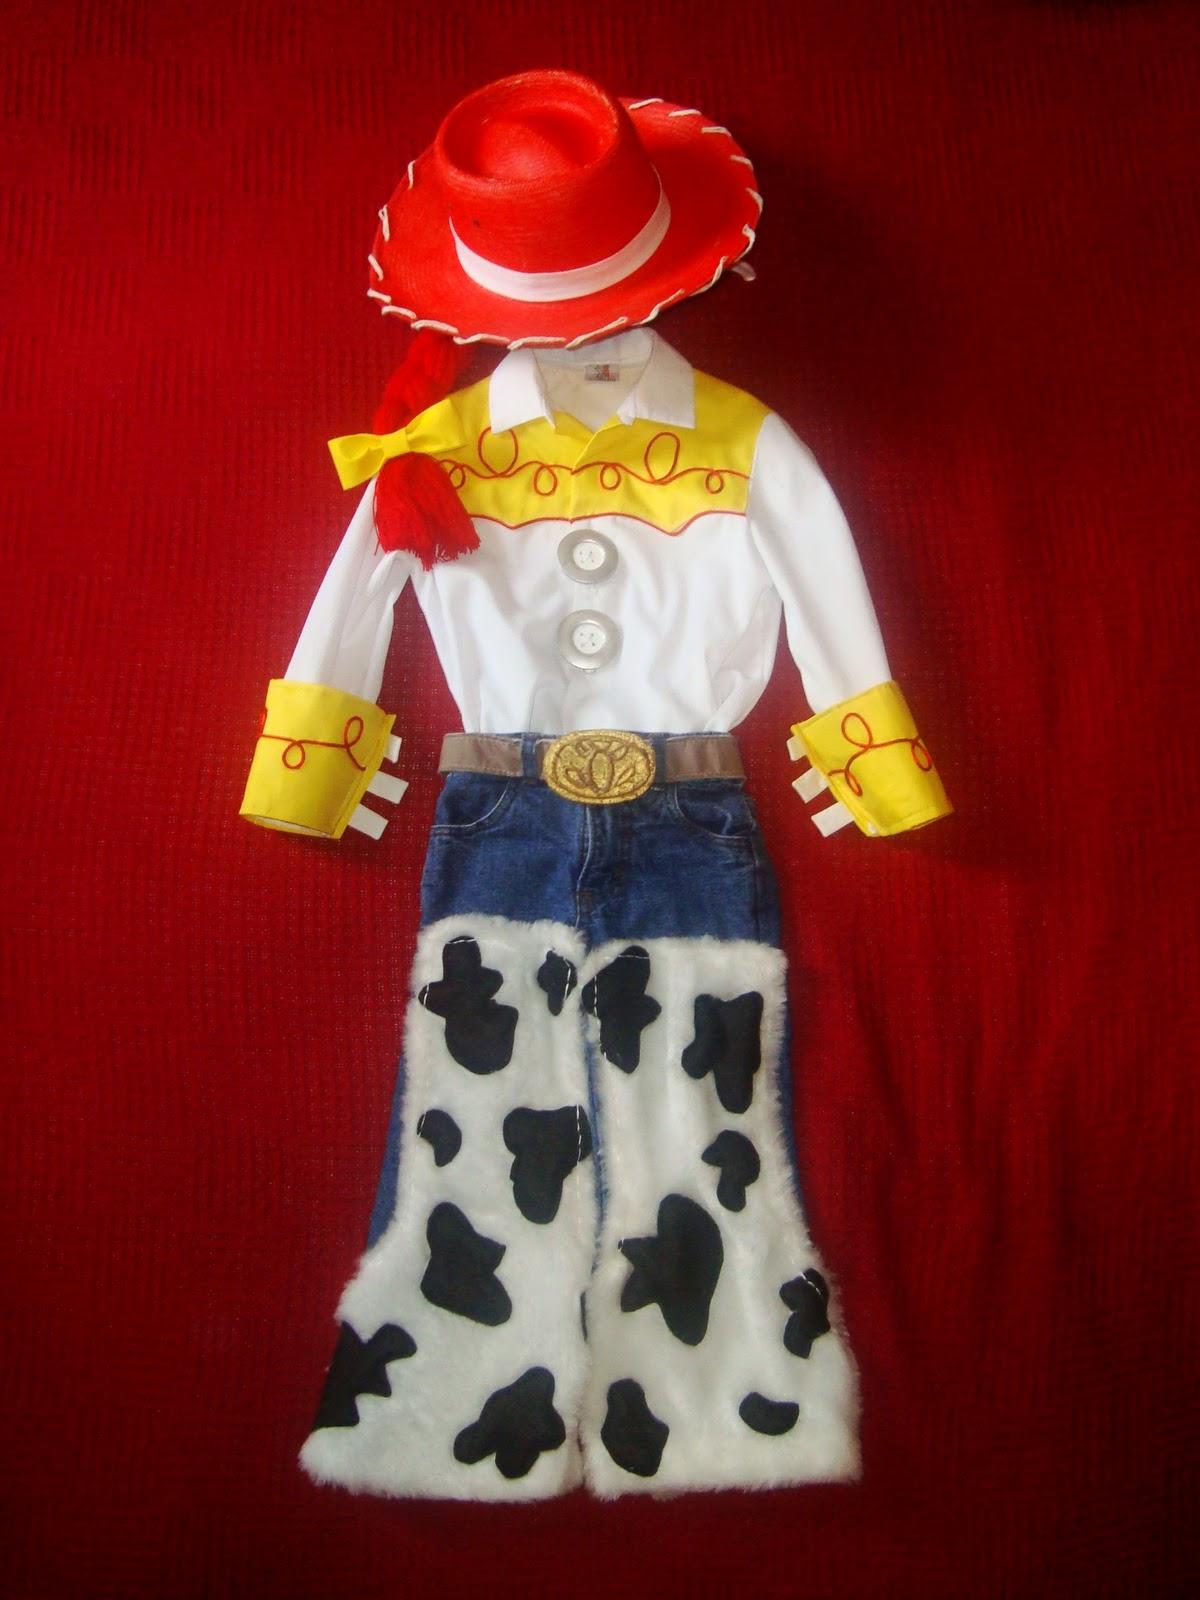 9561a5e7fa205 Disfraz casero de Jessie de Toy story